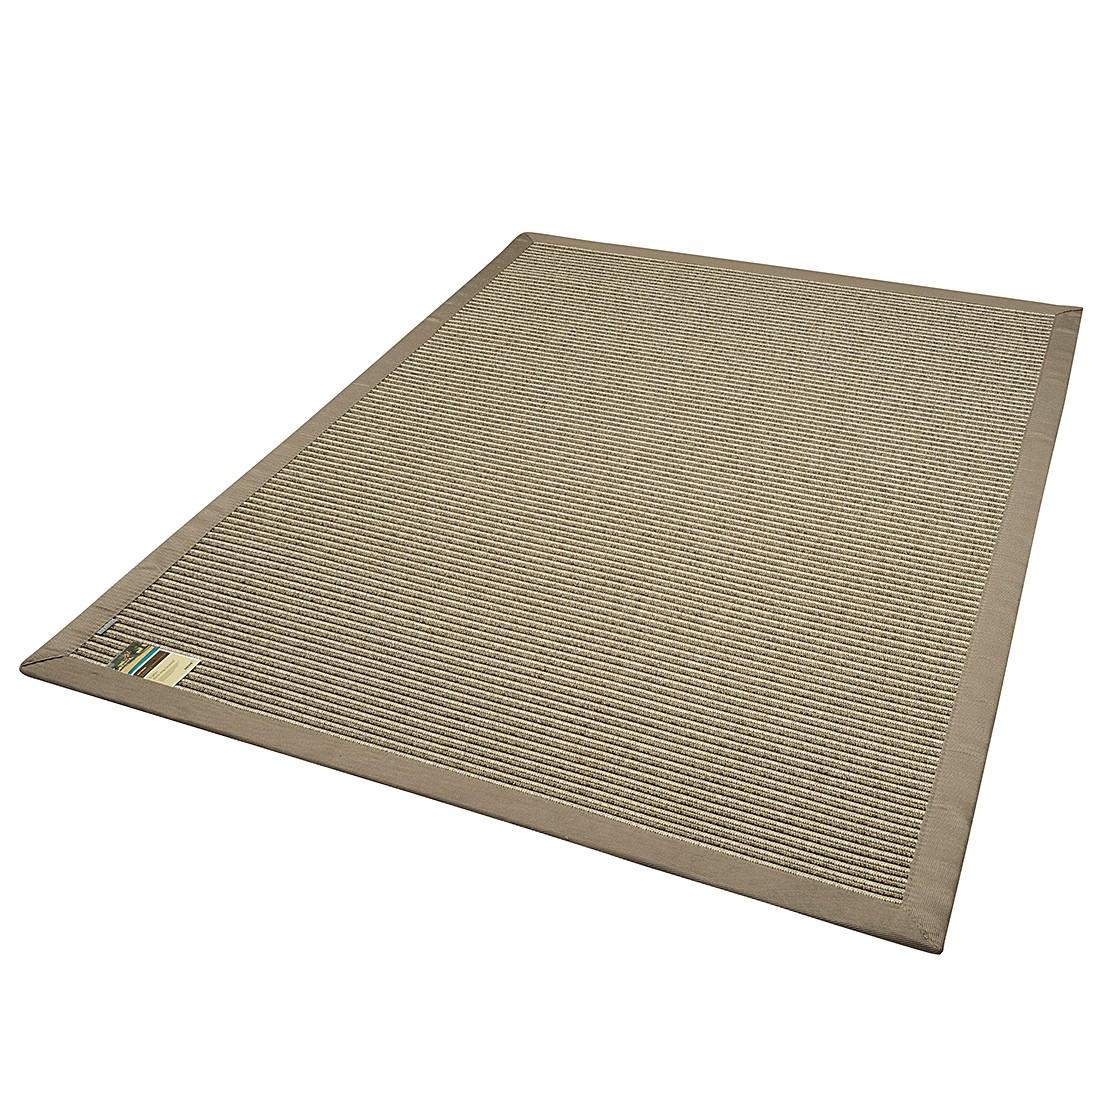 In-/Outdoorteppich Naturino Stripes – Grau – 80 x 250 cm, DEKOWE günstig kaufen